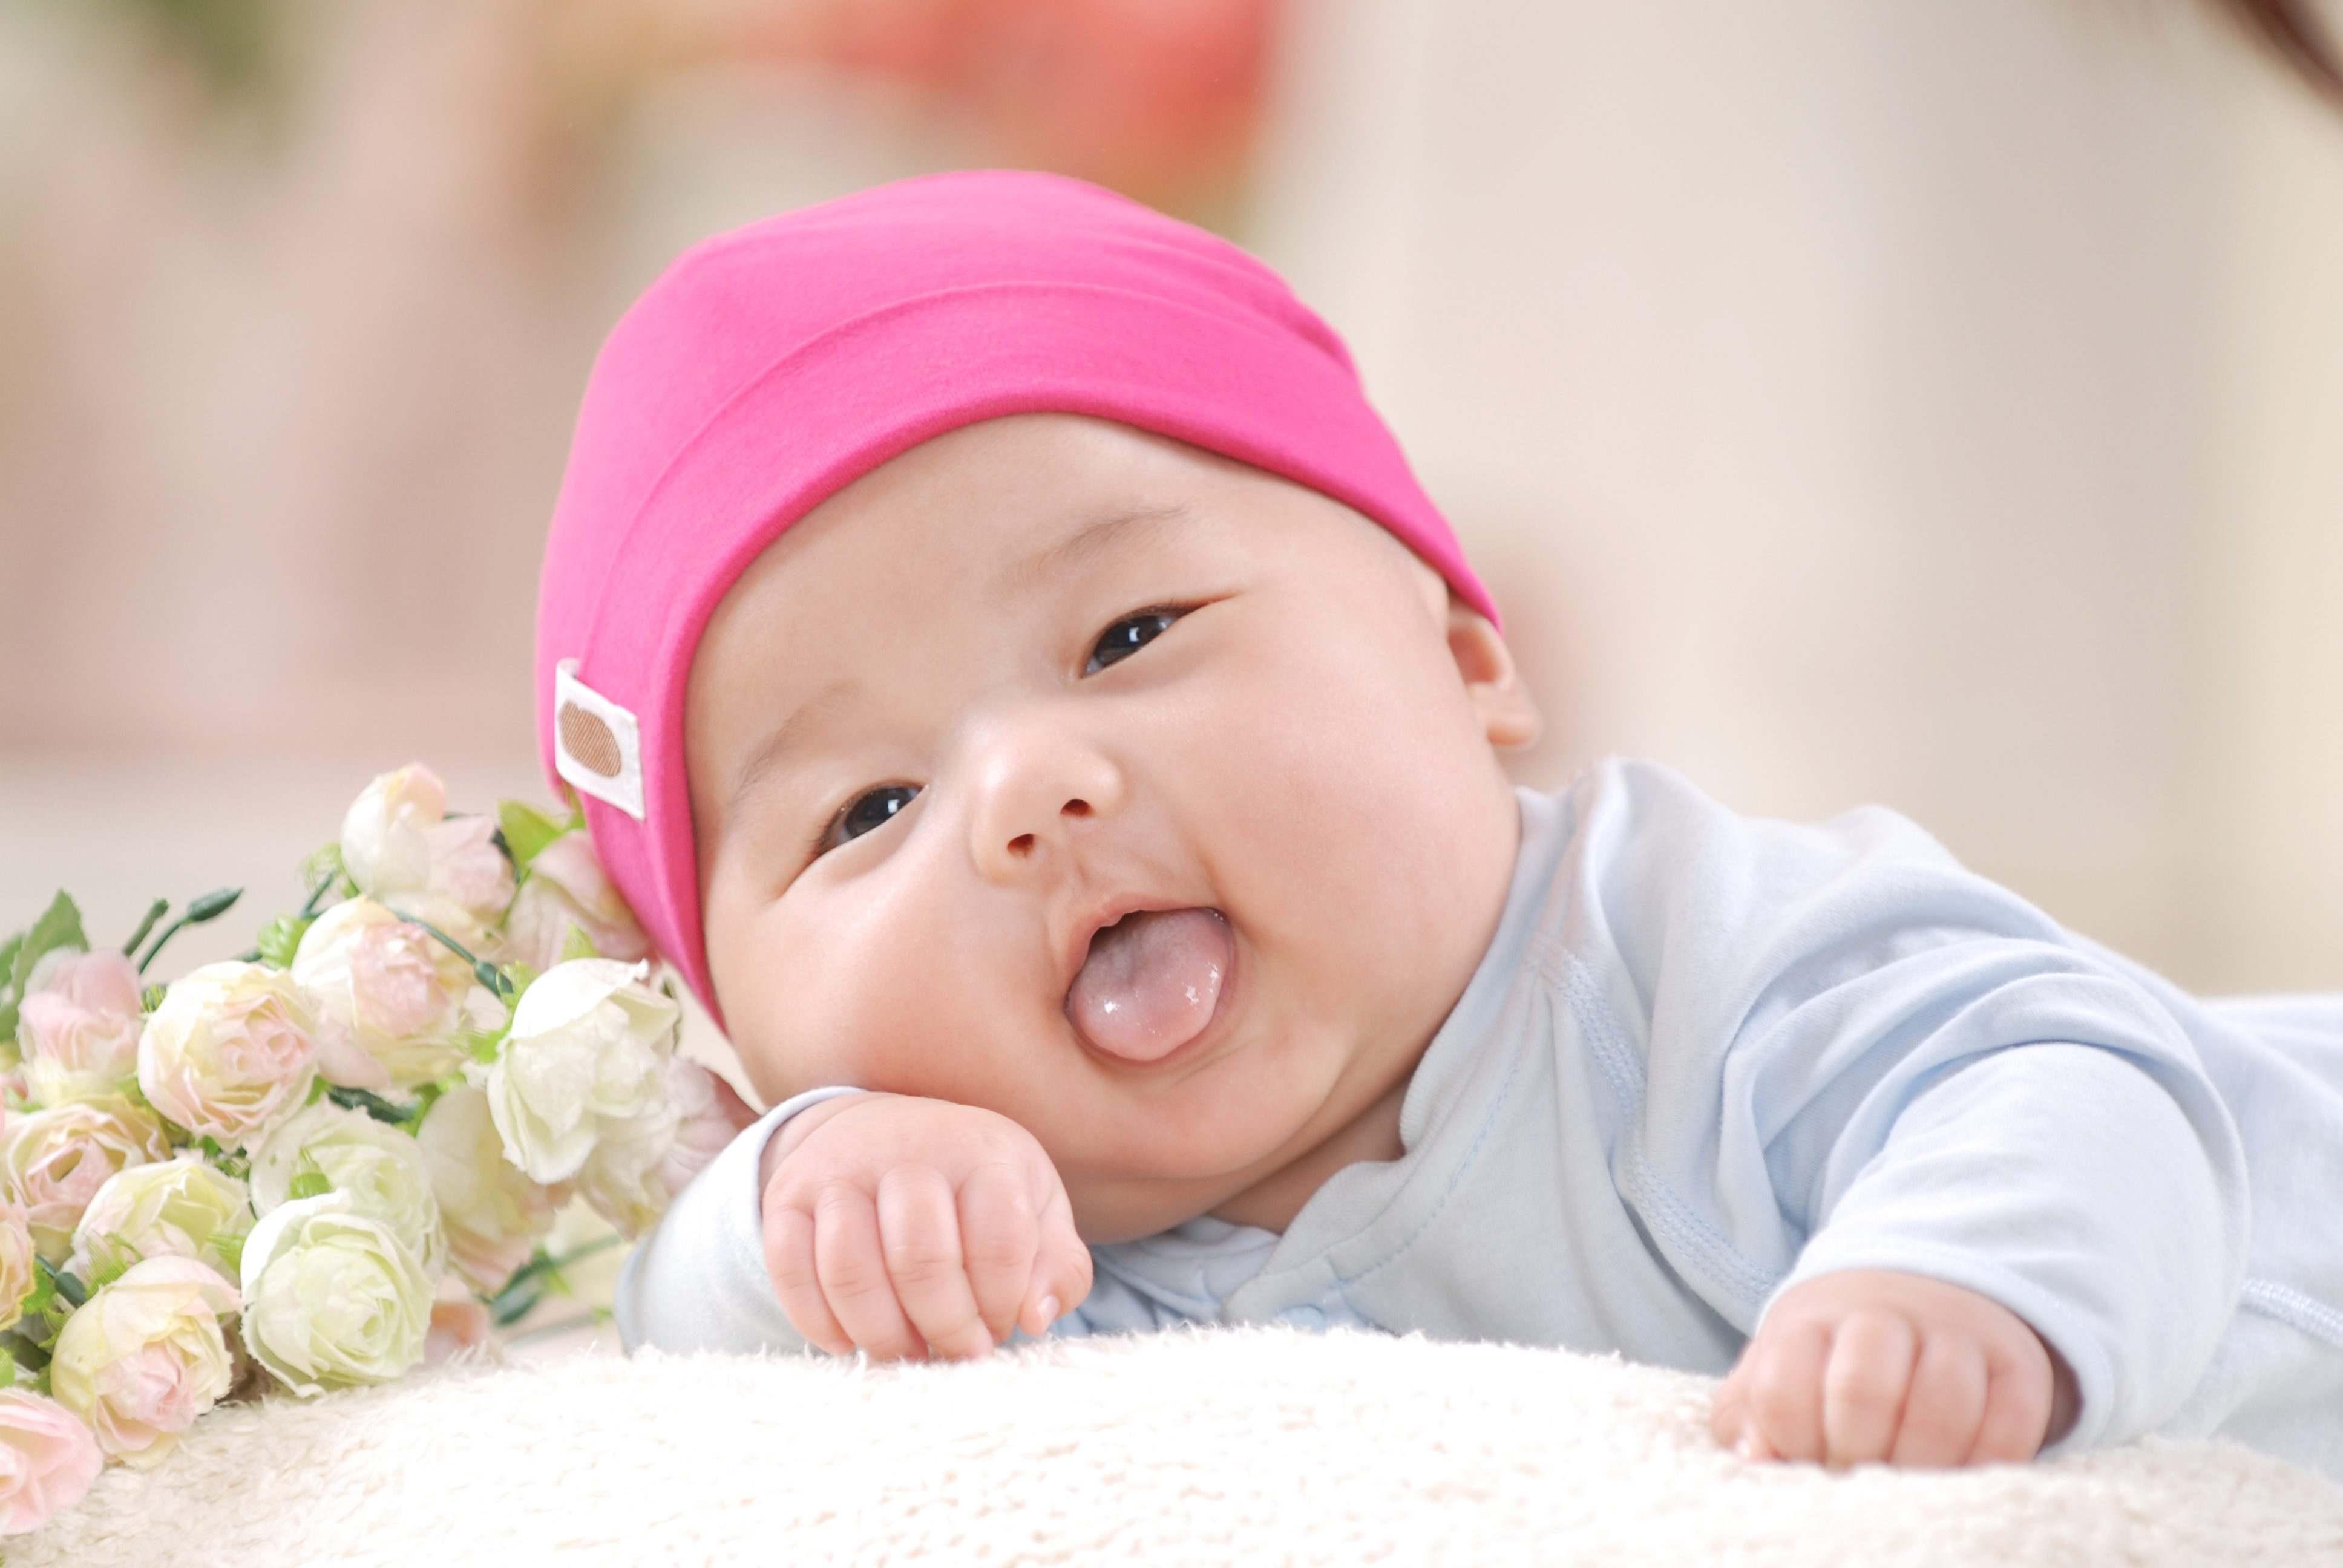 婴儿百天照经典照片 宝宝100天照片 经典婚纱照图片 国外婴儿创意照片图片